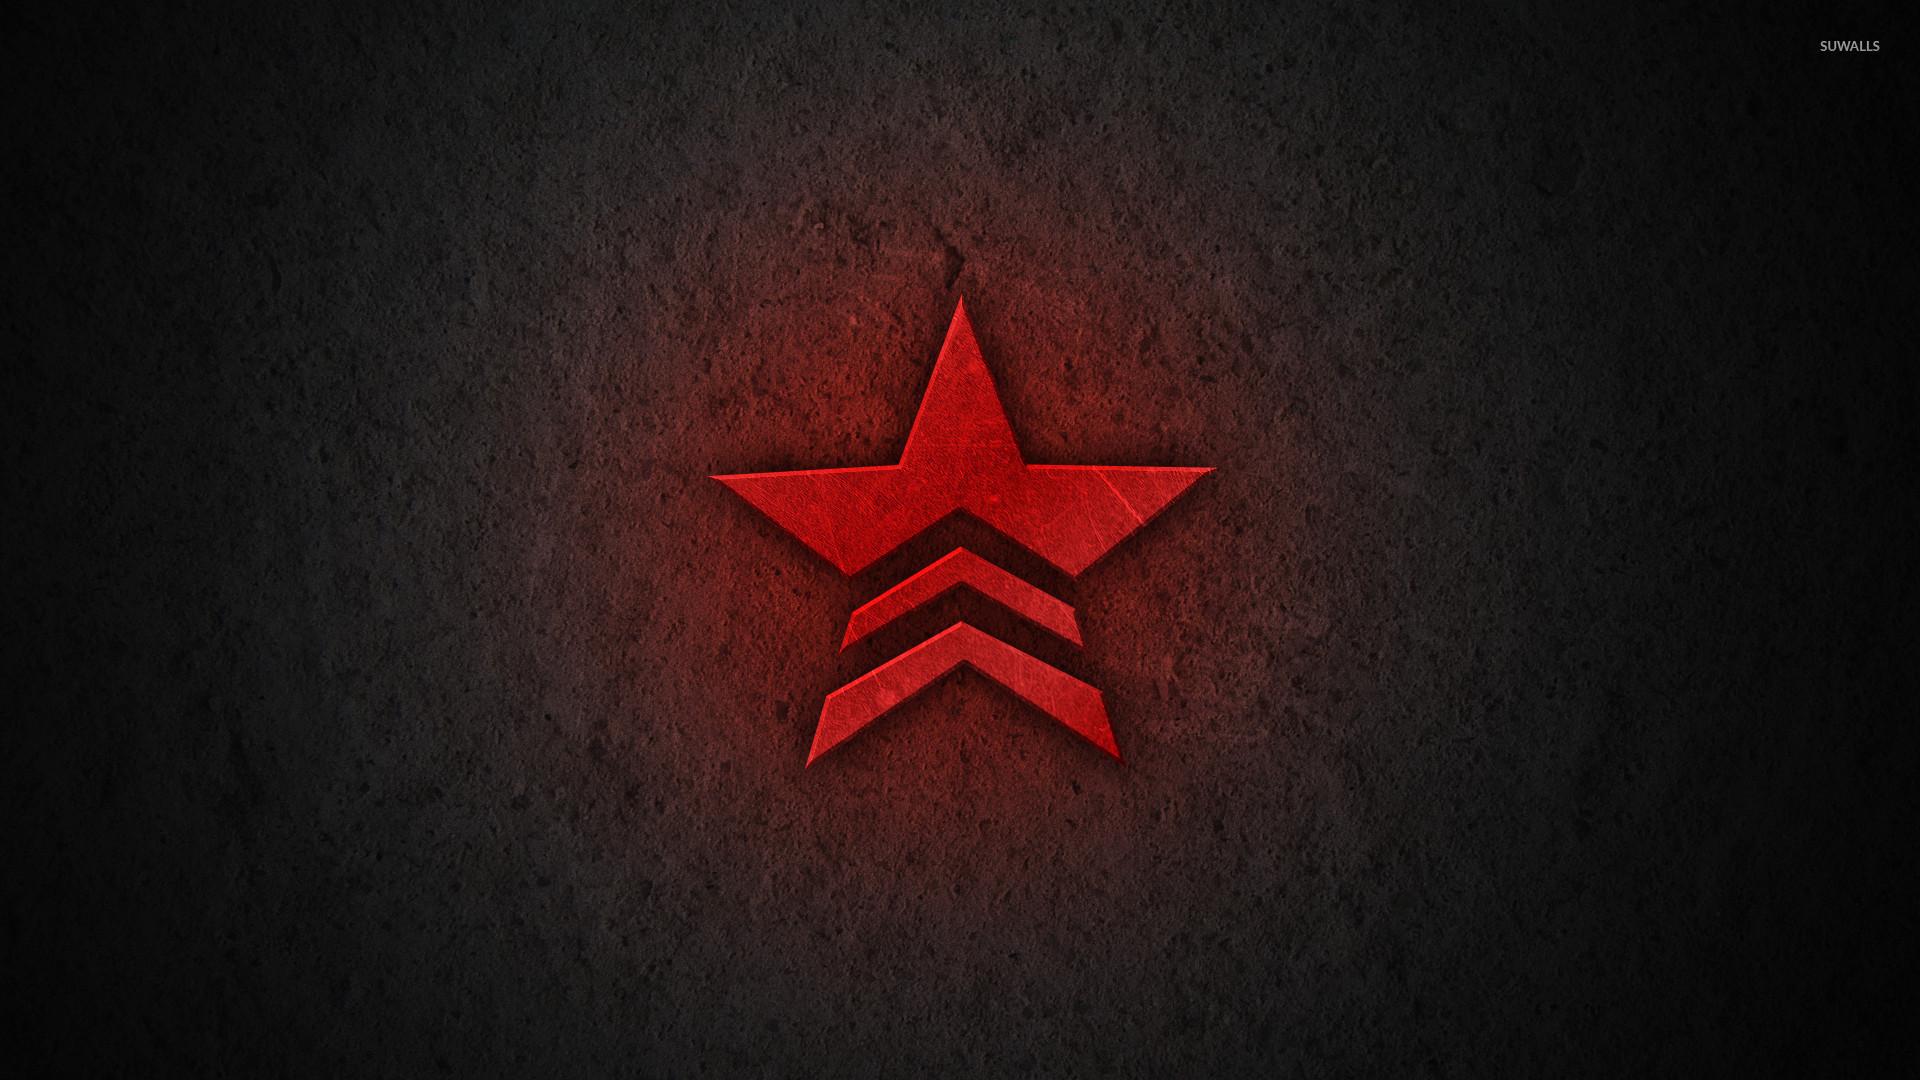 красная звезда без регистрации